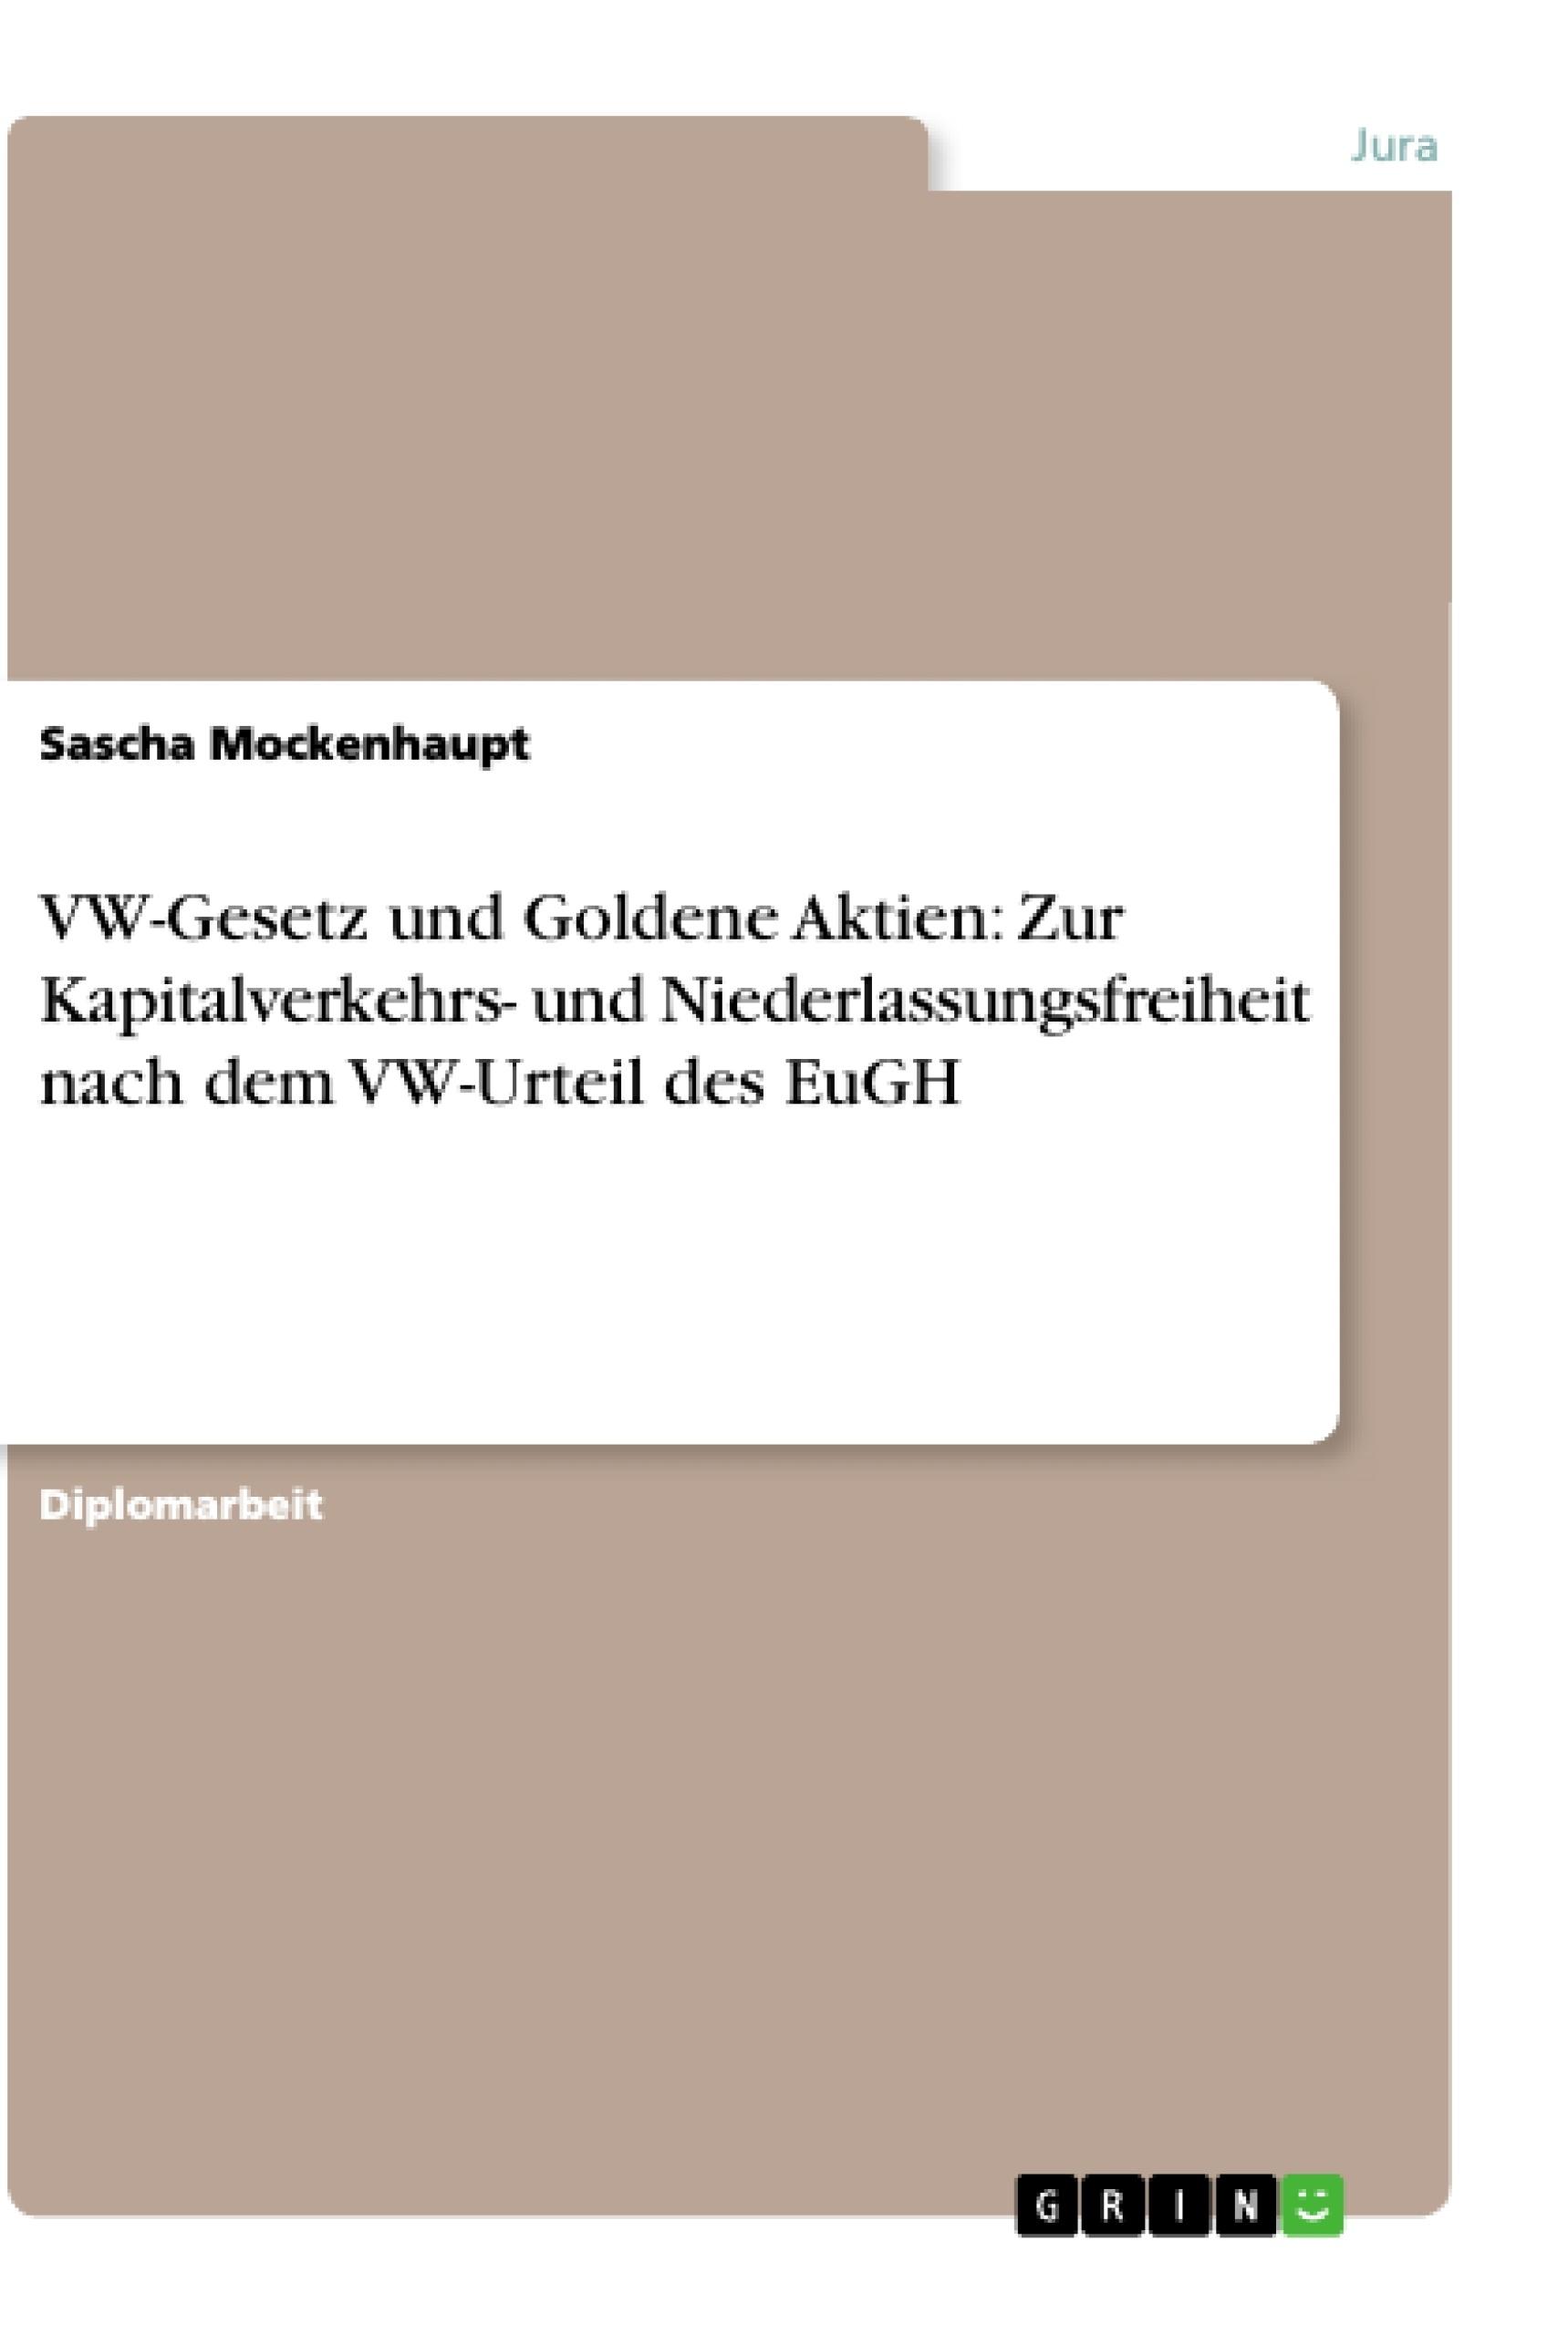 Titel: VW-Gesetz und Goldene Aktien: Zur Kapitalverkehrs- und Niederlassungsfreiheit nach dem VW-Urteil des EuGH